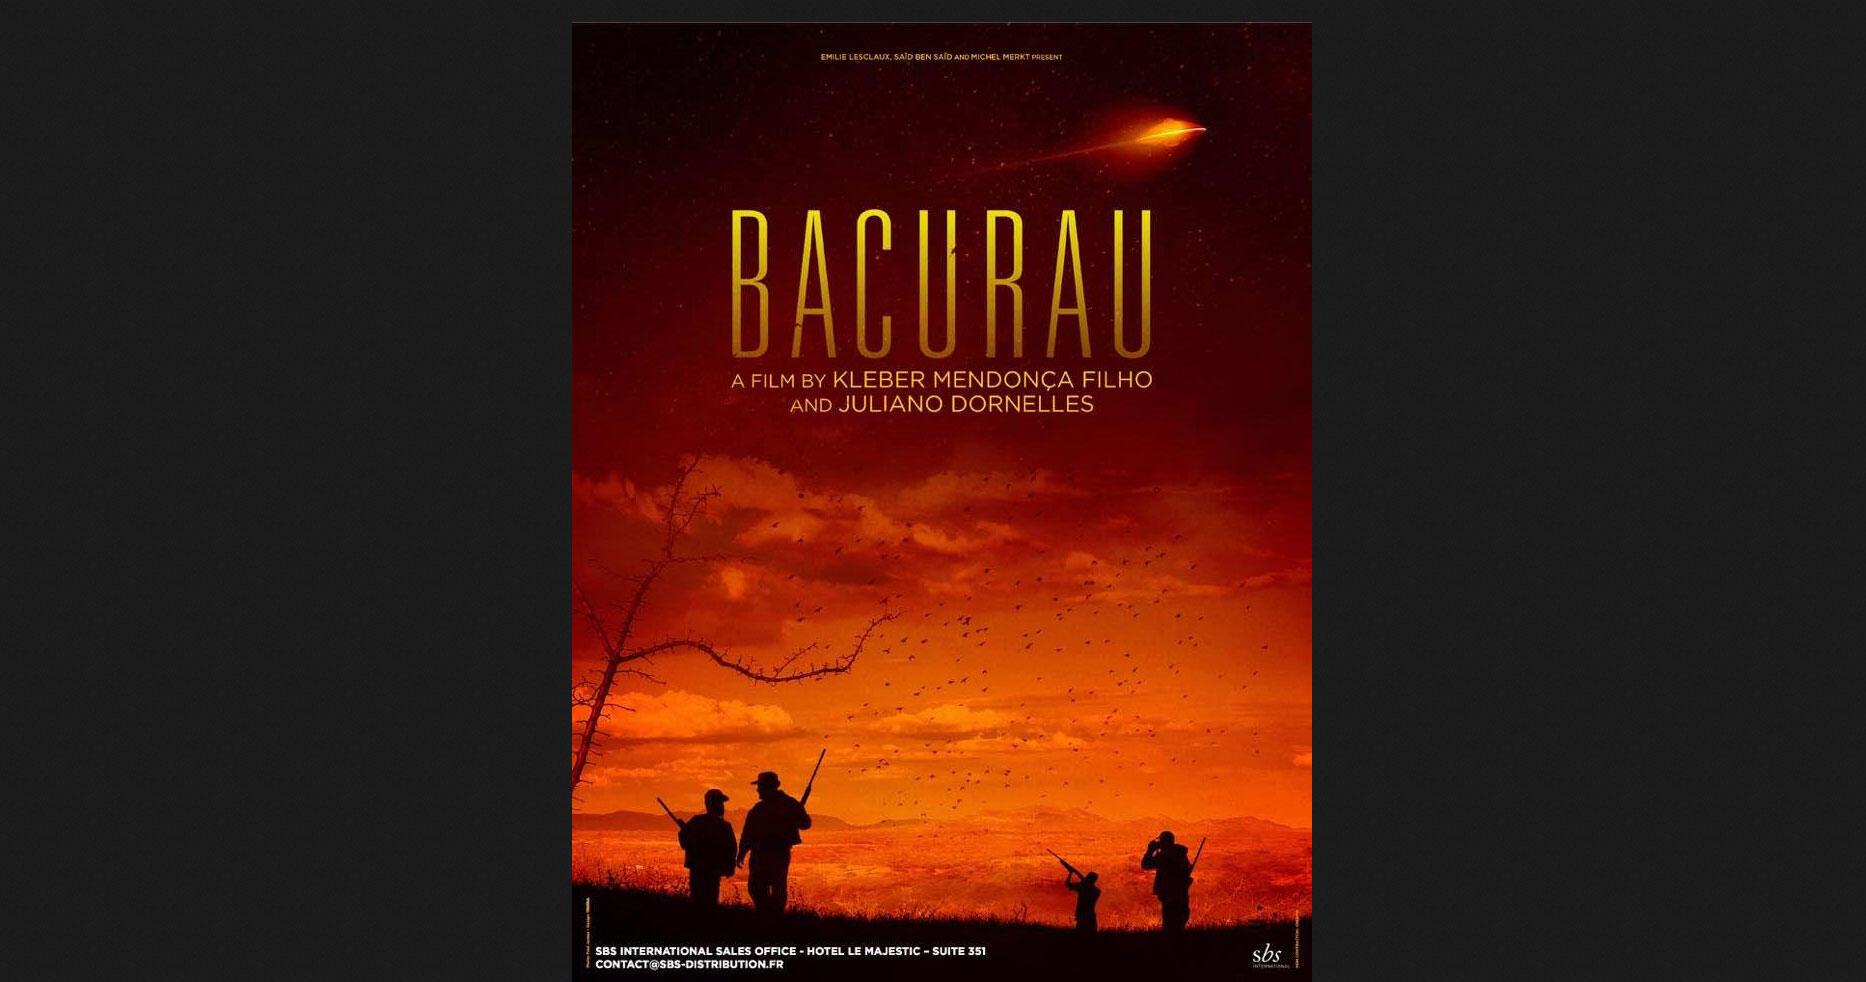 Cartaz de Bacurau, novo filme de Kleber Mendonça Filho